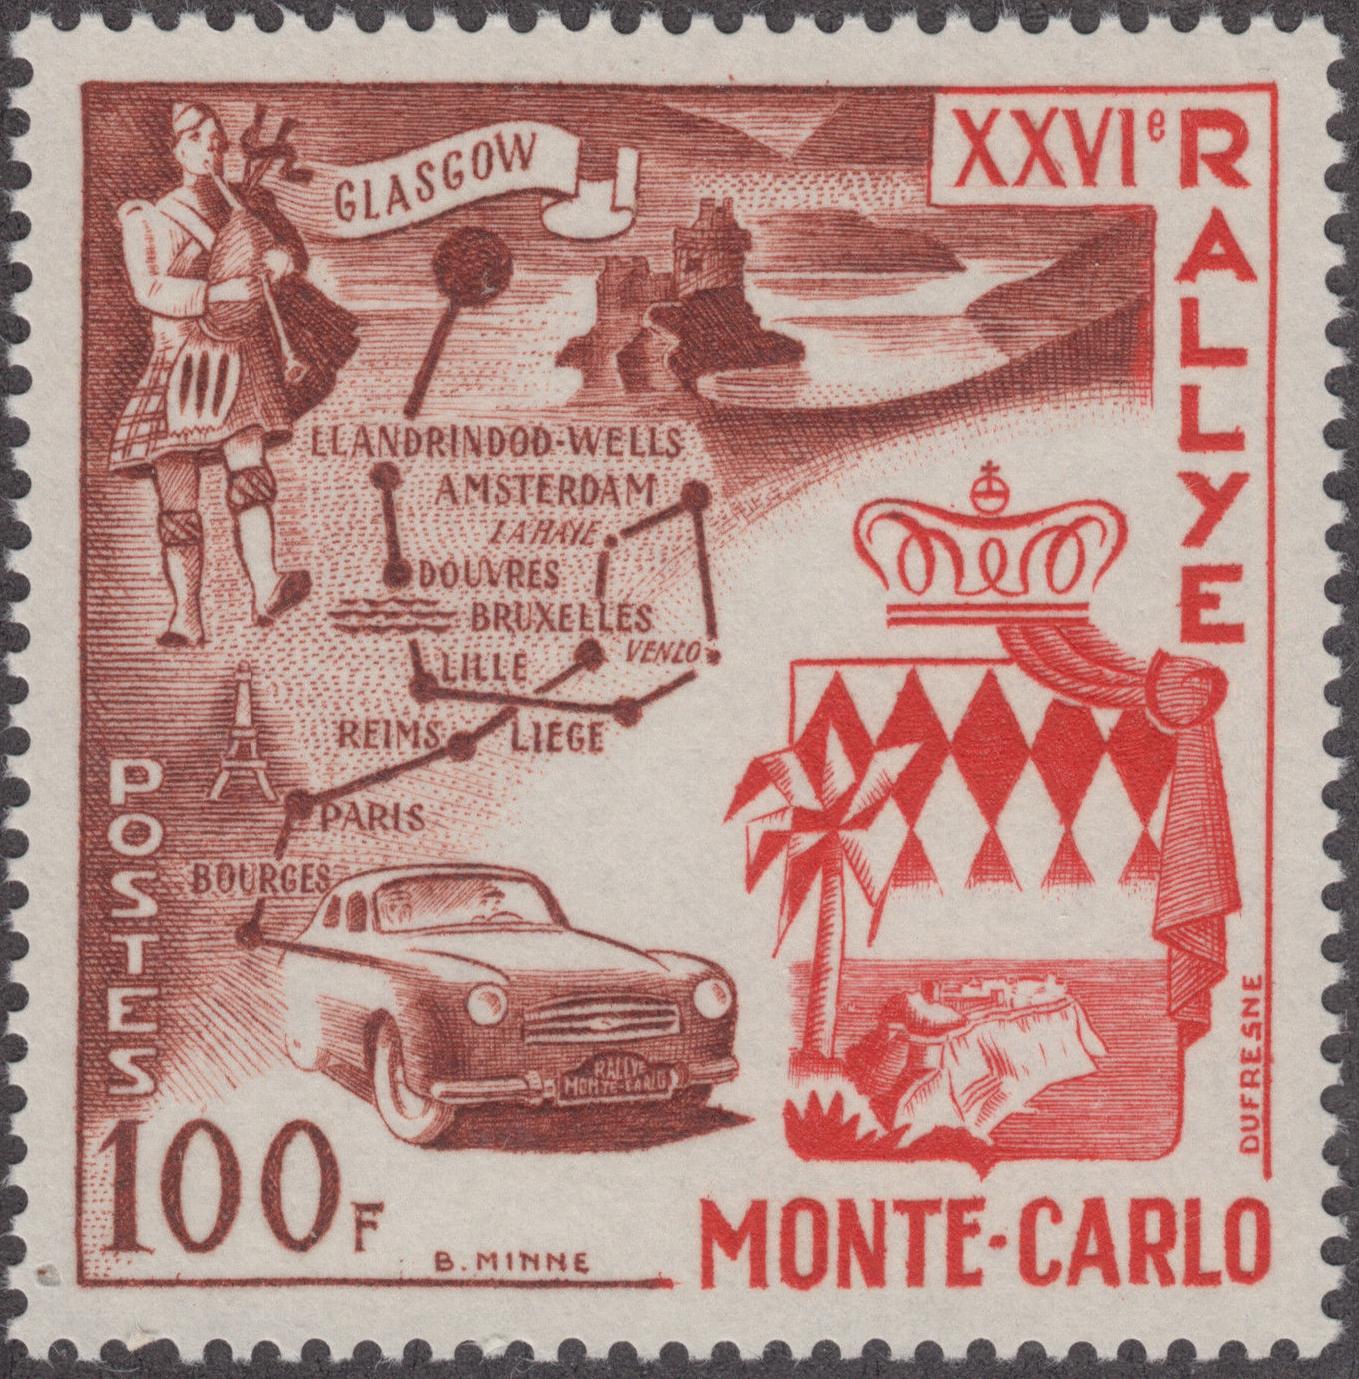 Monaco - Scott #365 (1956)